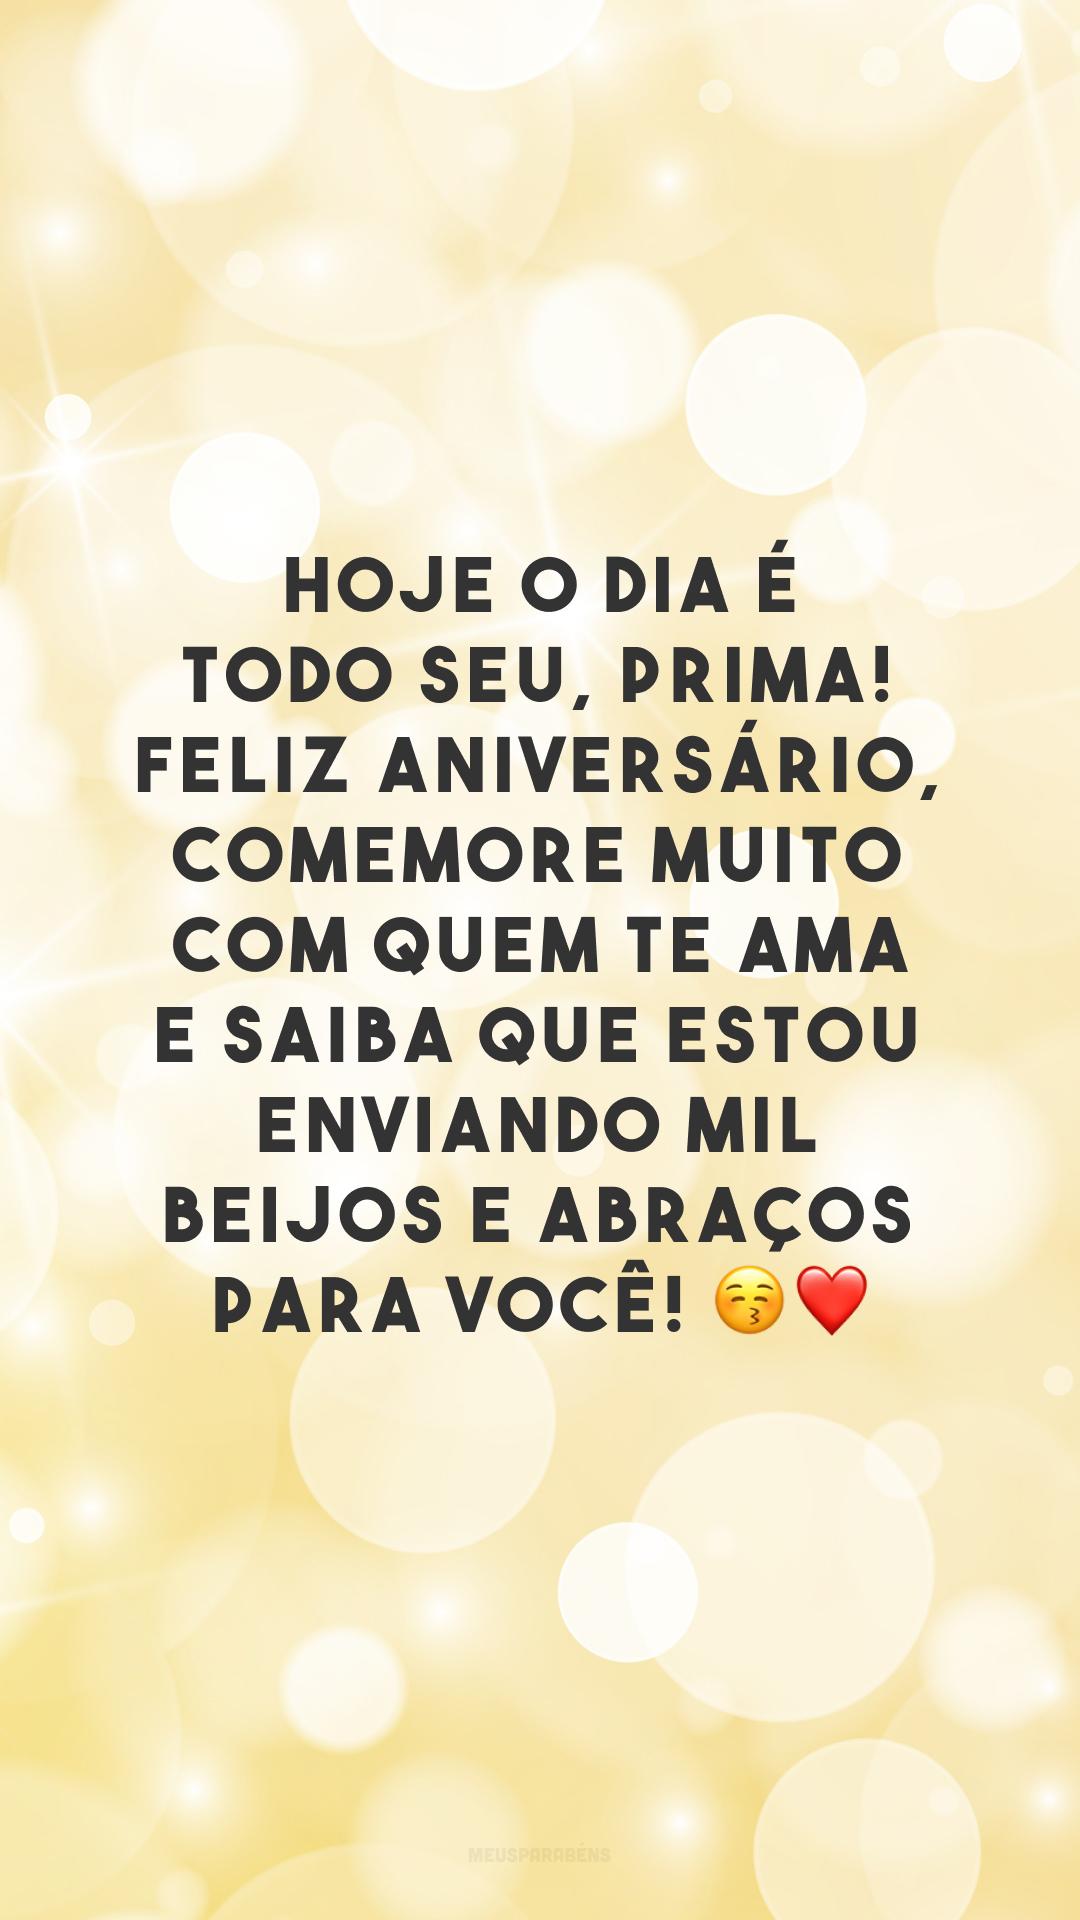 Hoje o dia é todo seu, prima! Feliz aniversário, comemore muito com quem te ama e saiba que estou enviando mil beijos e abraços para você! ?❤